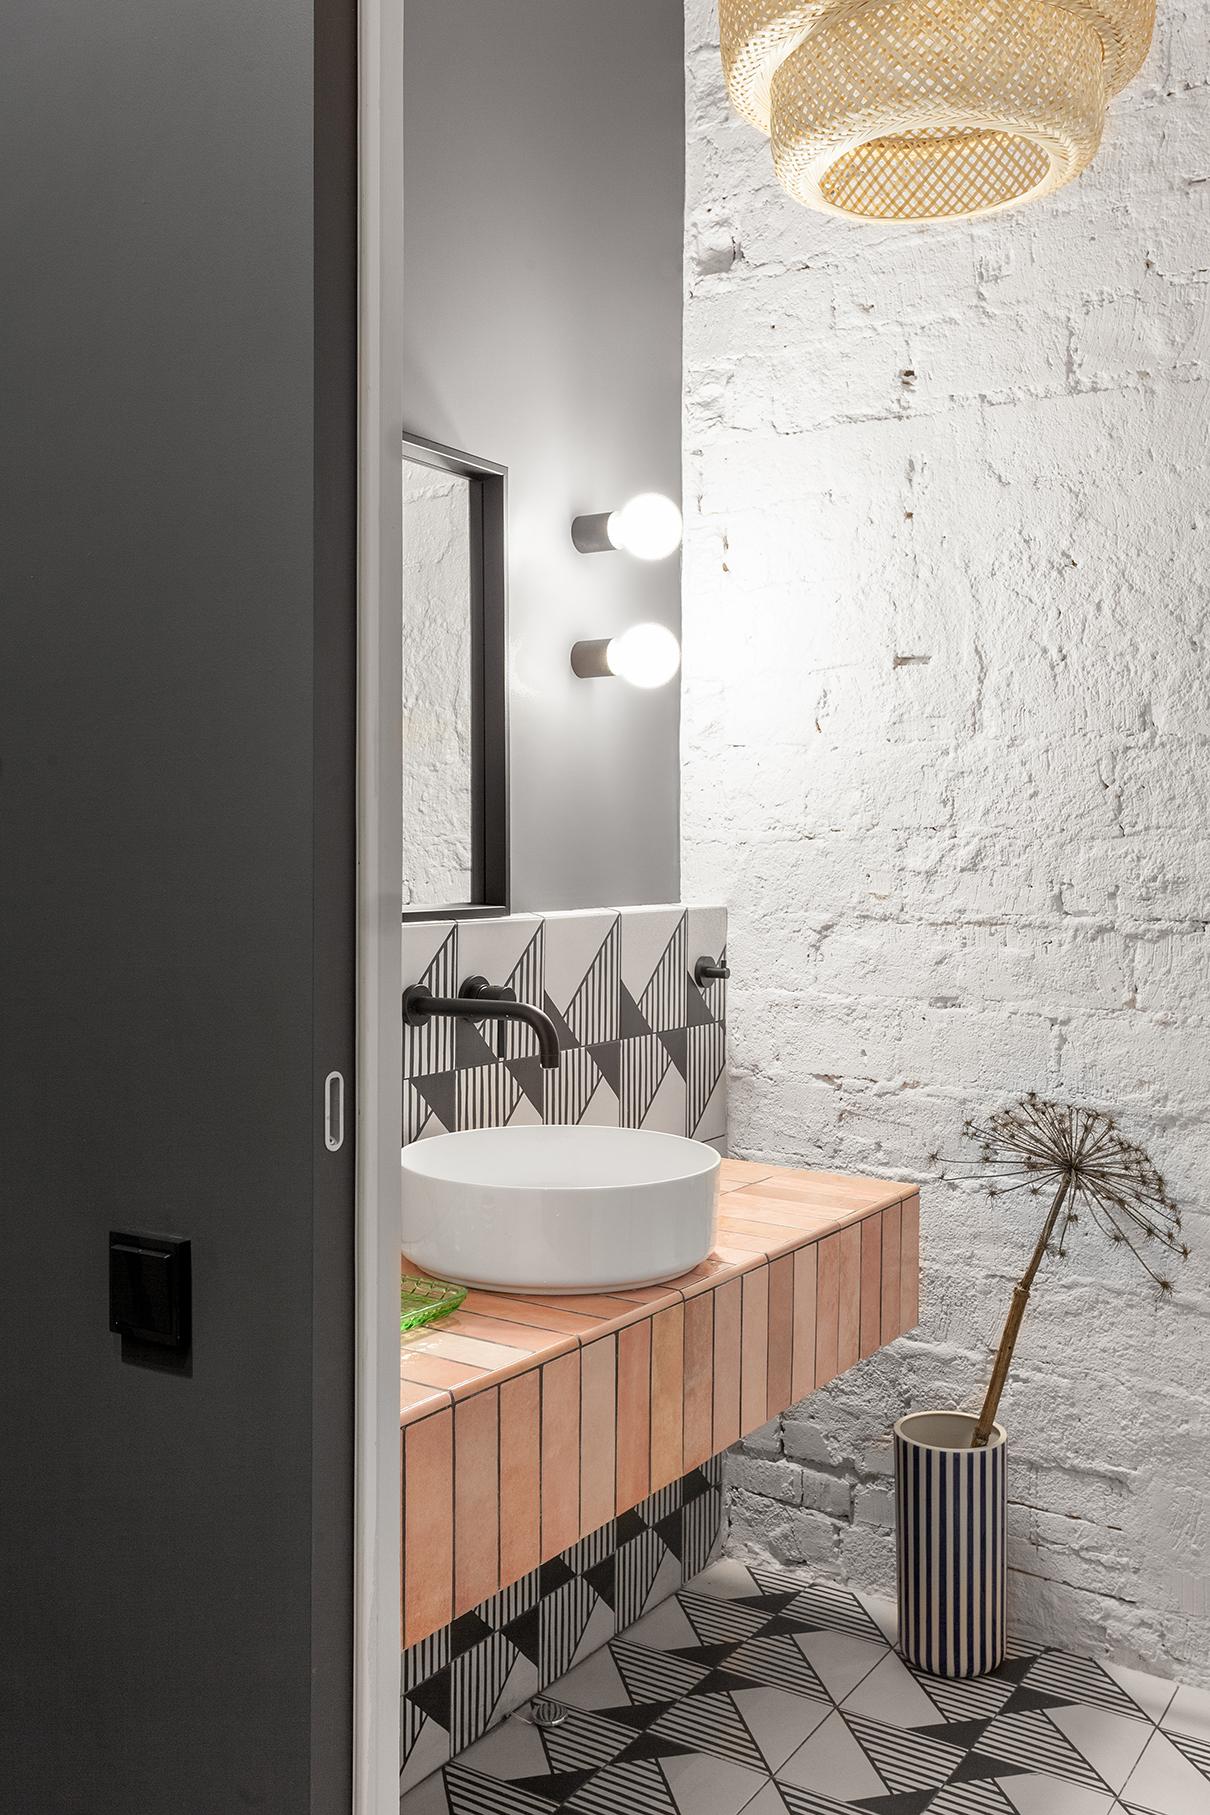 В гостевом санузле решили не оштукатуривать одну из стен и просто покрасили кирпичную межквартирную перегородку. Самодельная столешница облицована керамической плиткой Equipe коллекции Artisan. Пол и фрагмент стены— Equipe Caprice deco Origami, бра— Faro, зеркало и потолочный светильник— IKEA, раковина— CIELO, черная сантехника— BONJIO